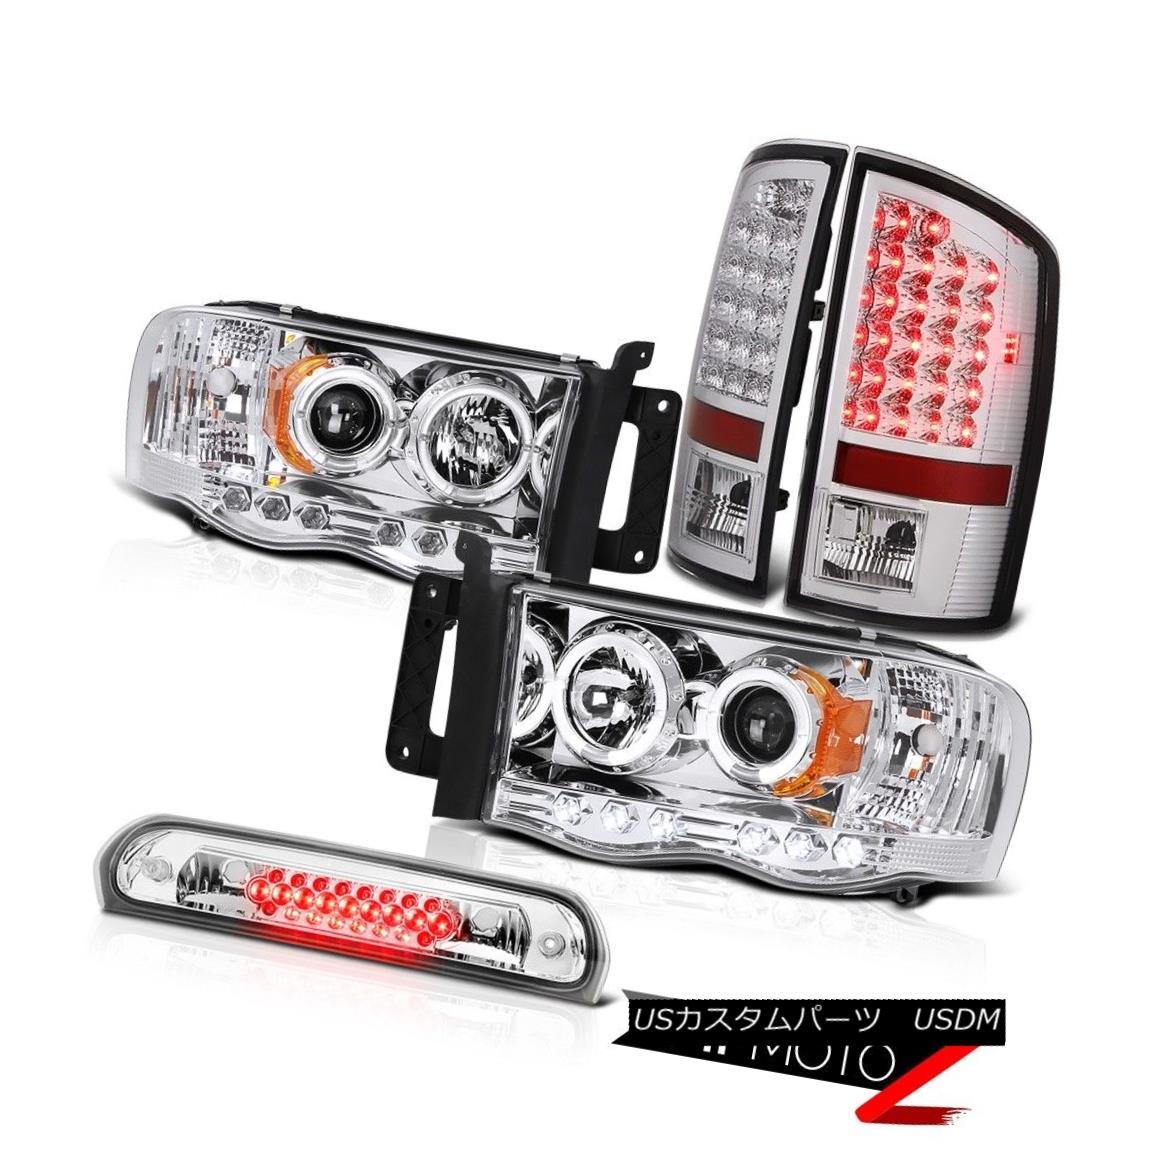 ヘッドライト Angel Eye Headlights LED Brake Tail Lights Roof Cargo 02 03 04 05 Ram PowerTech エンジェルアイヘッドライトLEDブレーキテールライトルーフカーゴ02 03 04 05 Ram PowerTech